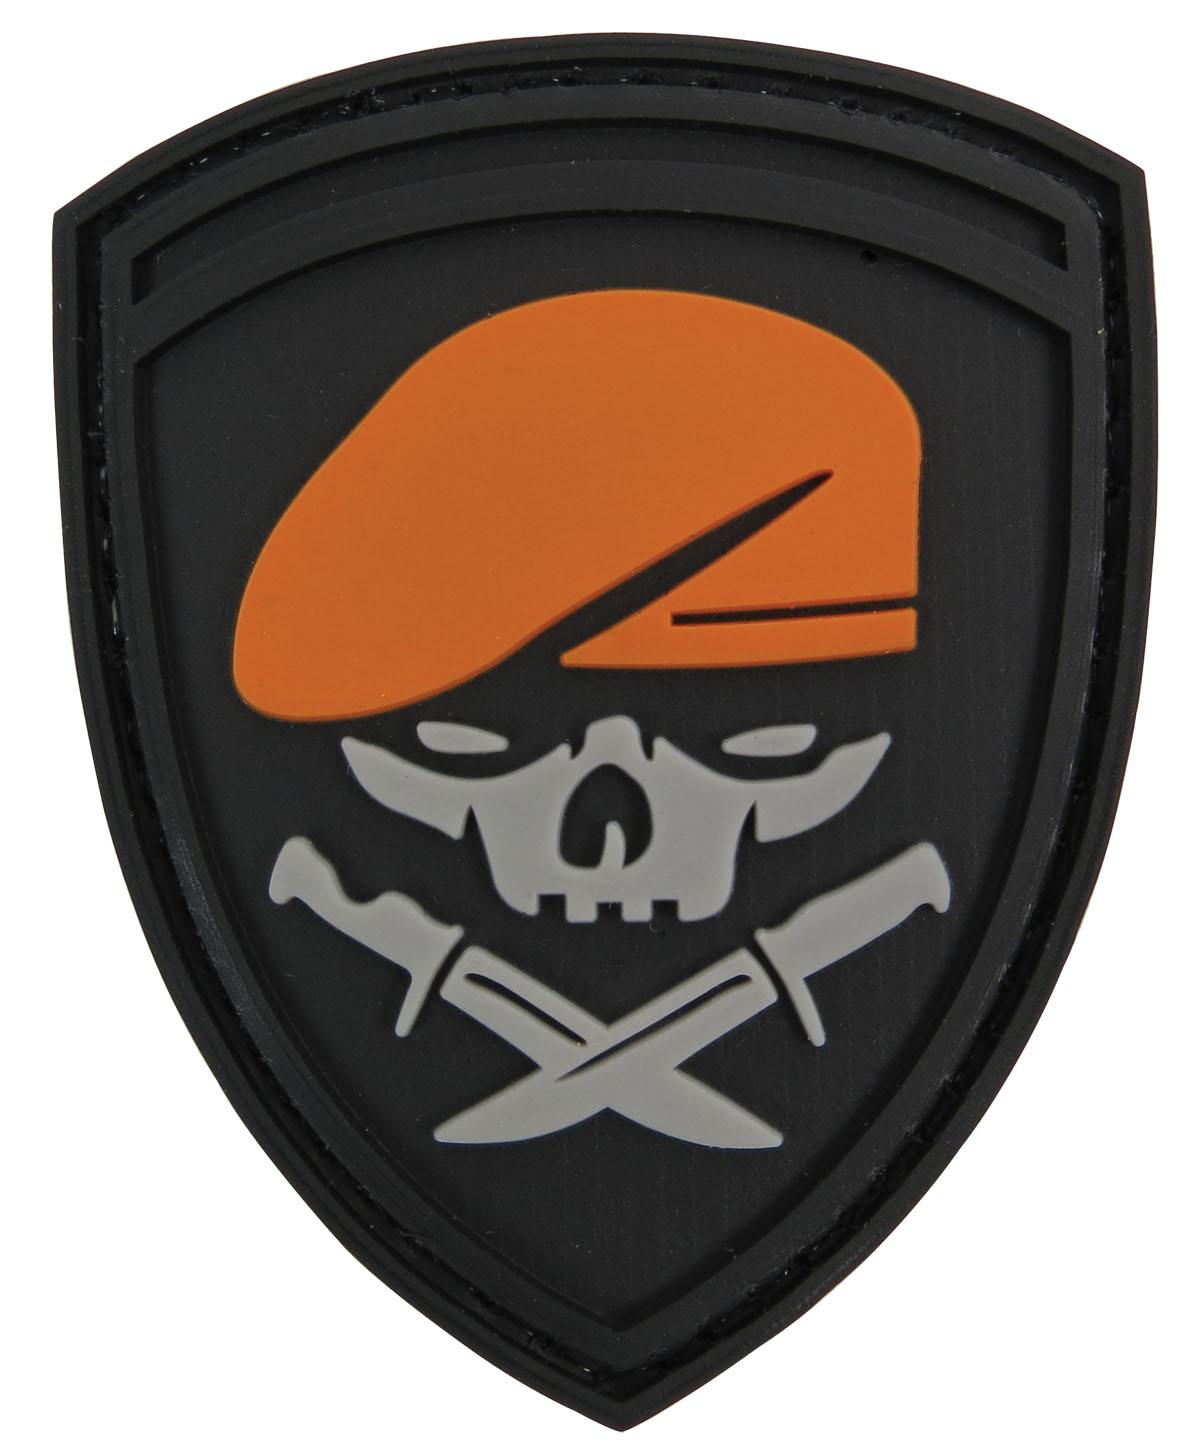 Pvc Badge Beret Skull And Knives